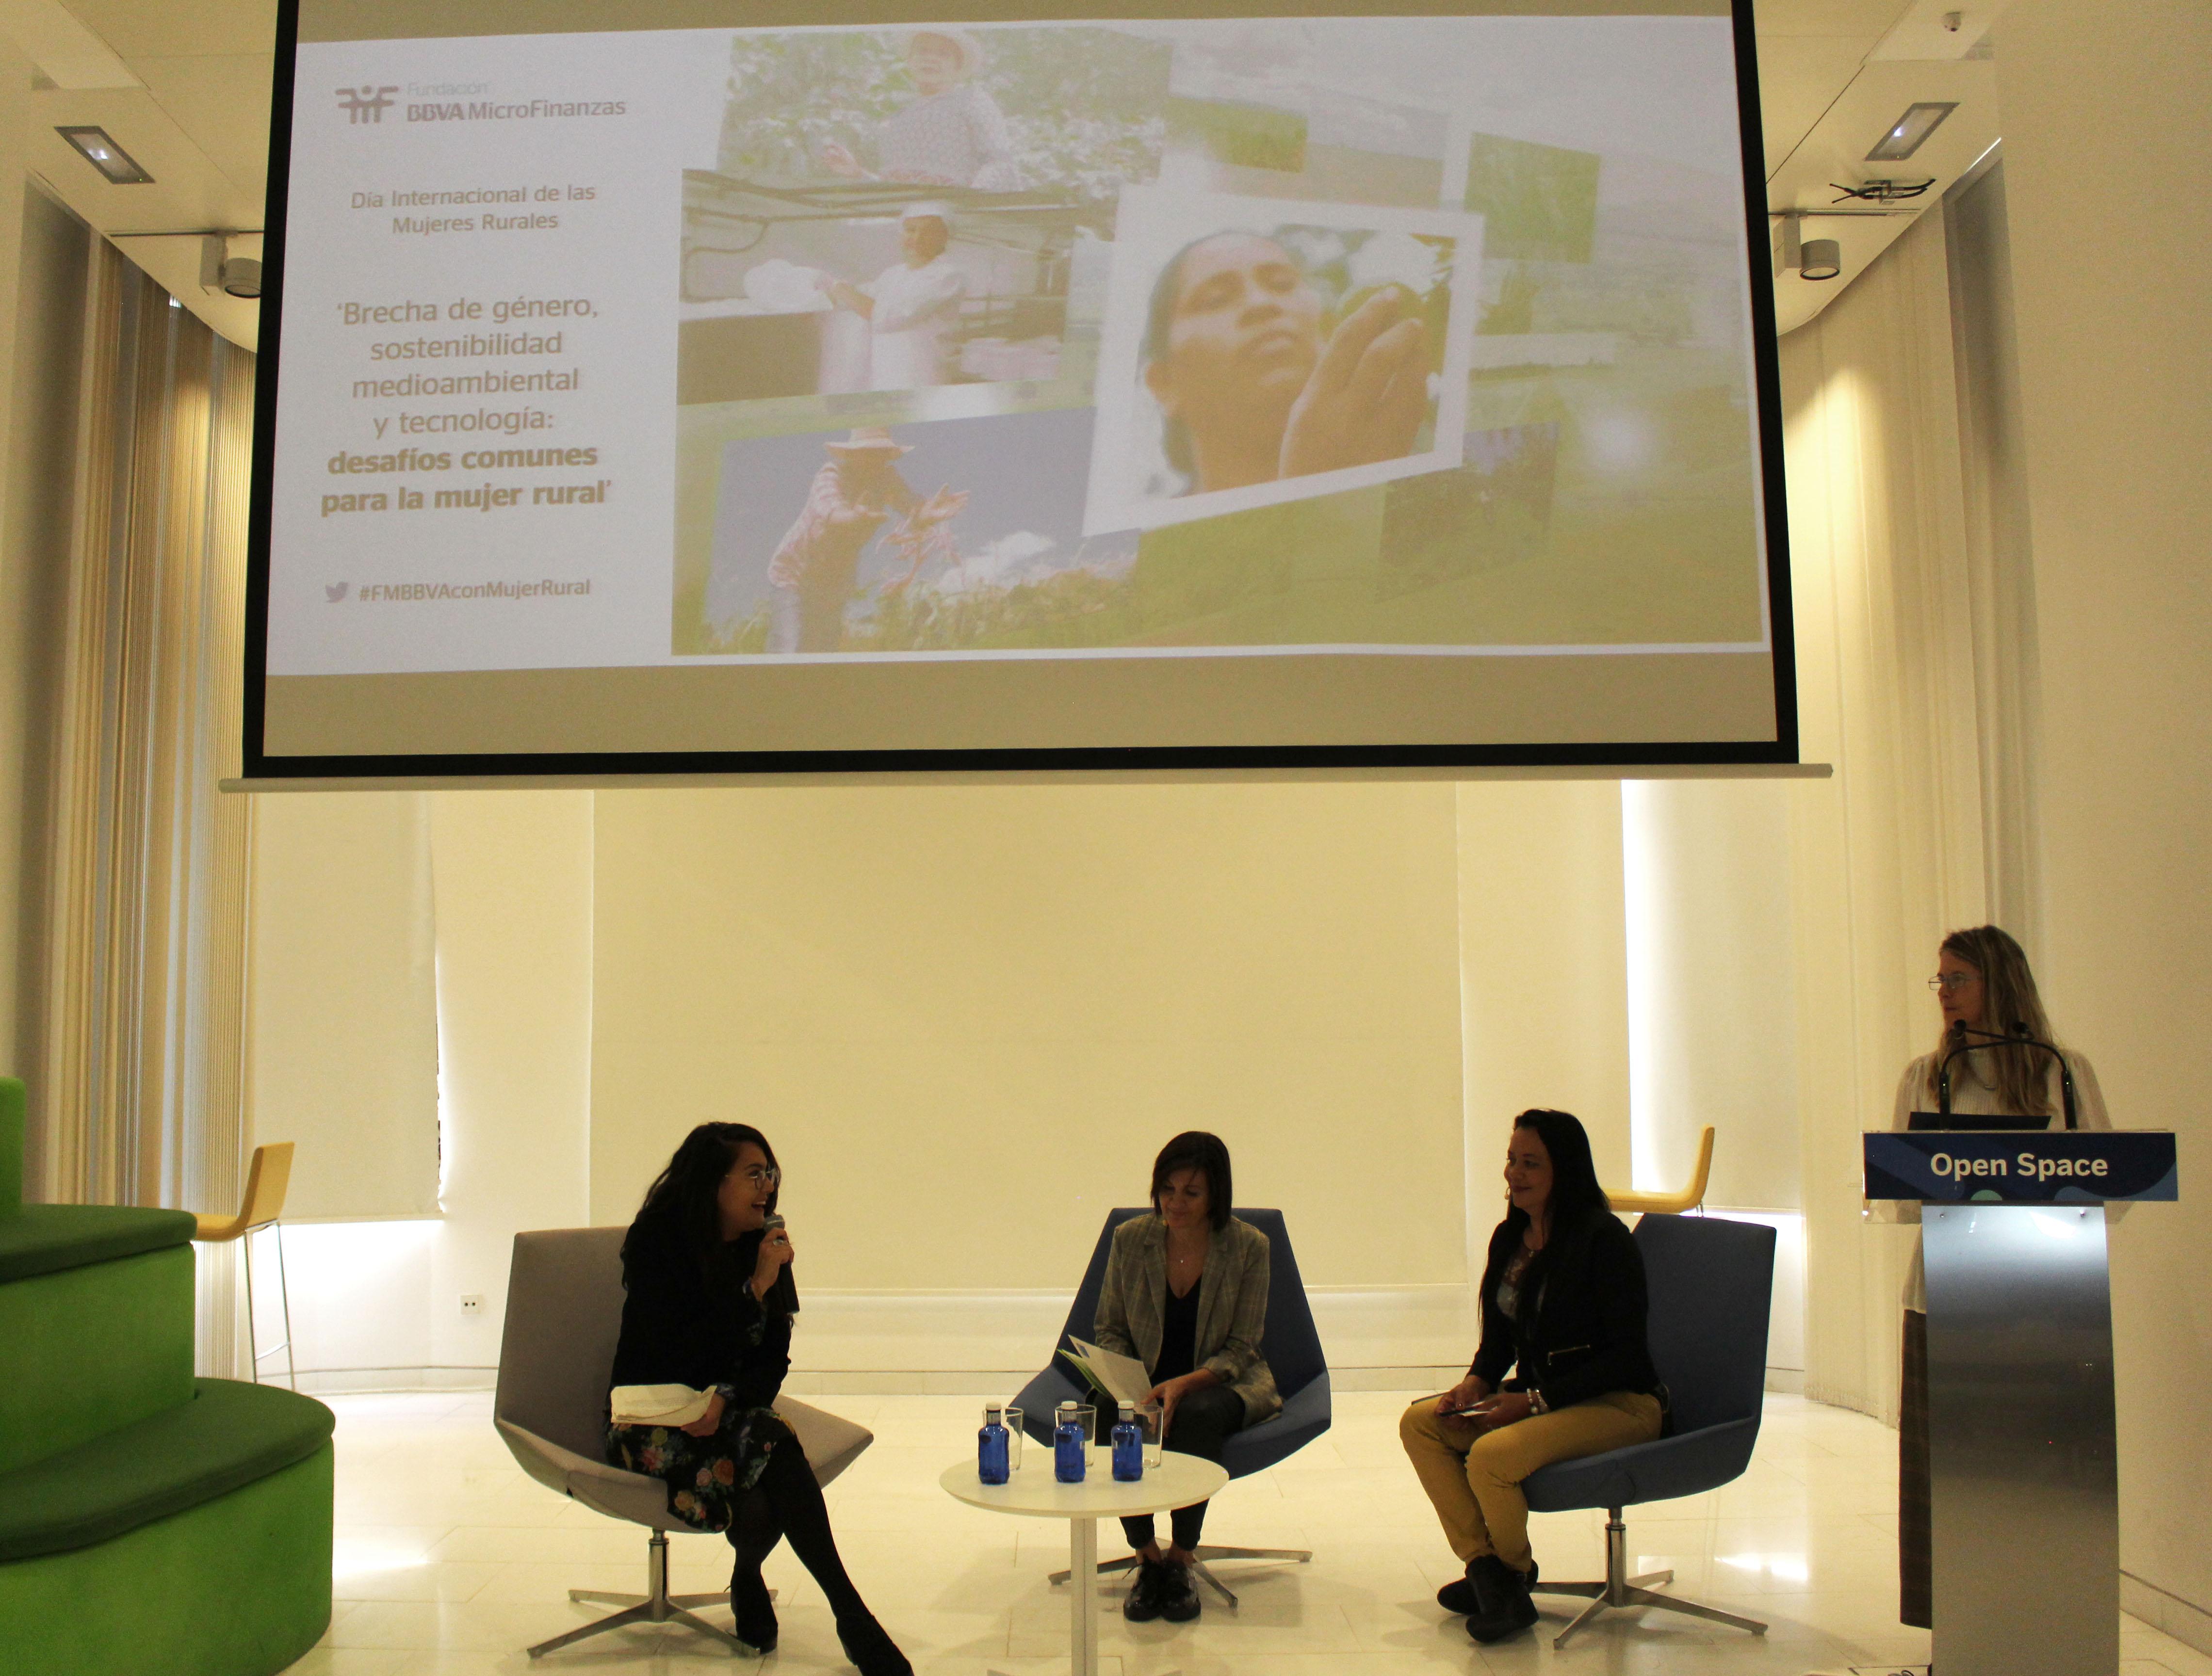 Sandra Mendoza, emprendedora FMBBVA y Manuela Gómez, emprendedora FADEMUR en el acto de la FMBBVA